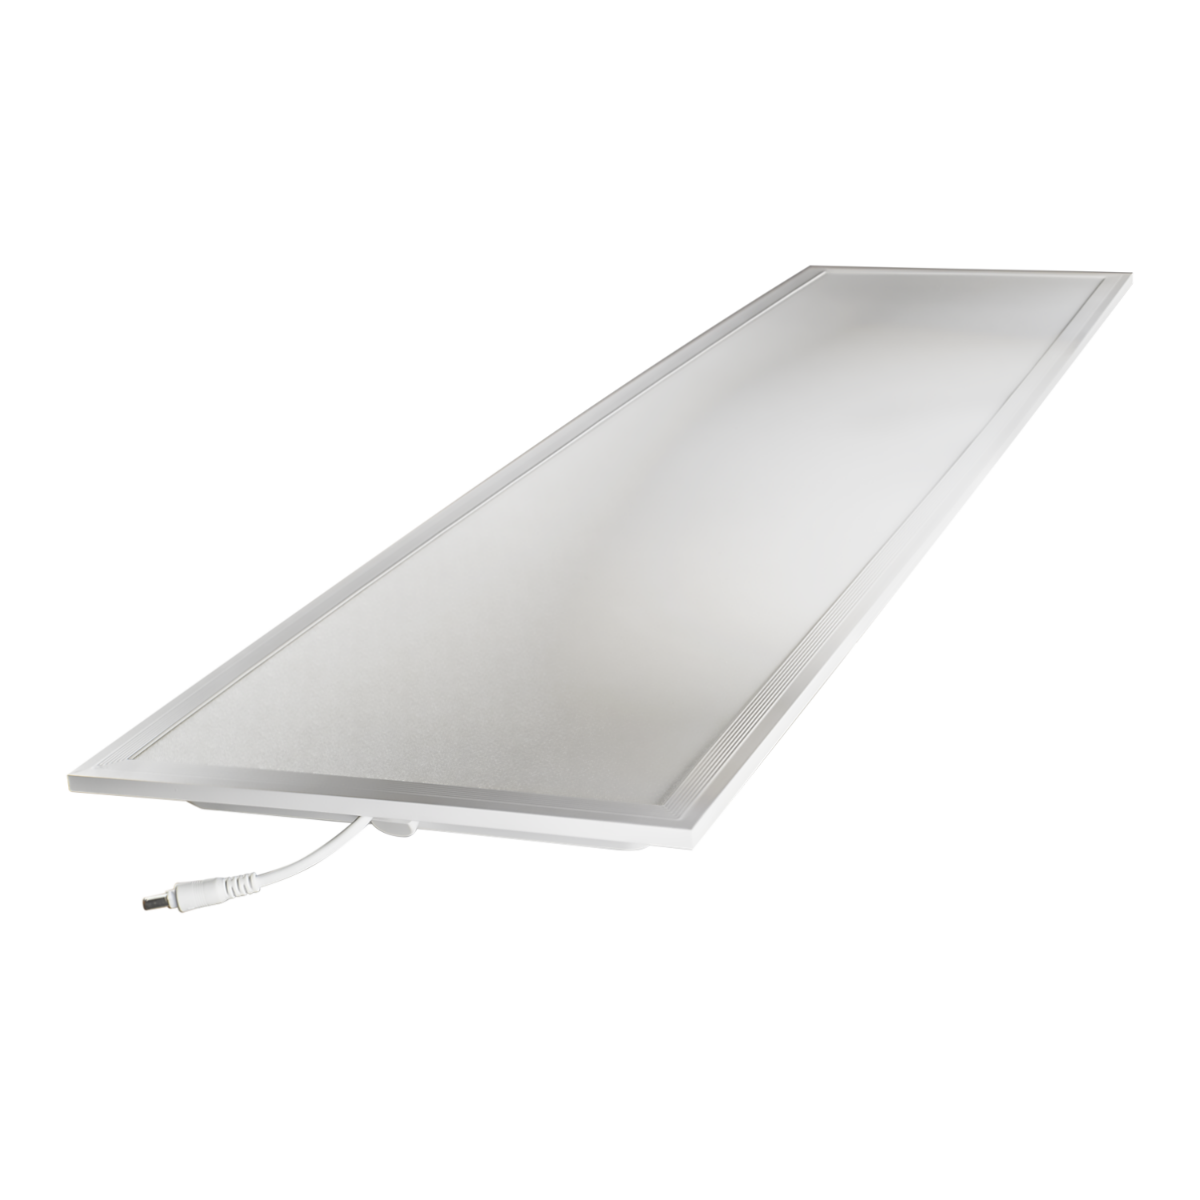 Noxion LED Paneeli Delta Pro V2.0 30W 30x120cm 4000K 4110lm UGR <19 | Kylmä Valkoinen - Korvaa 2x36W